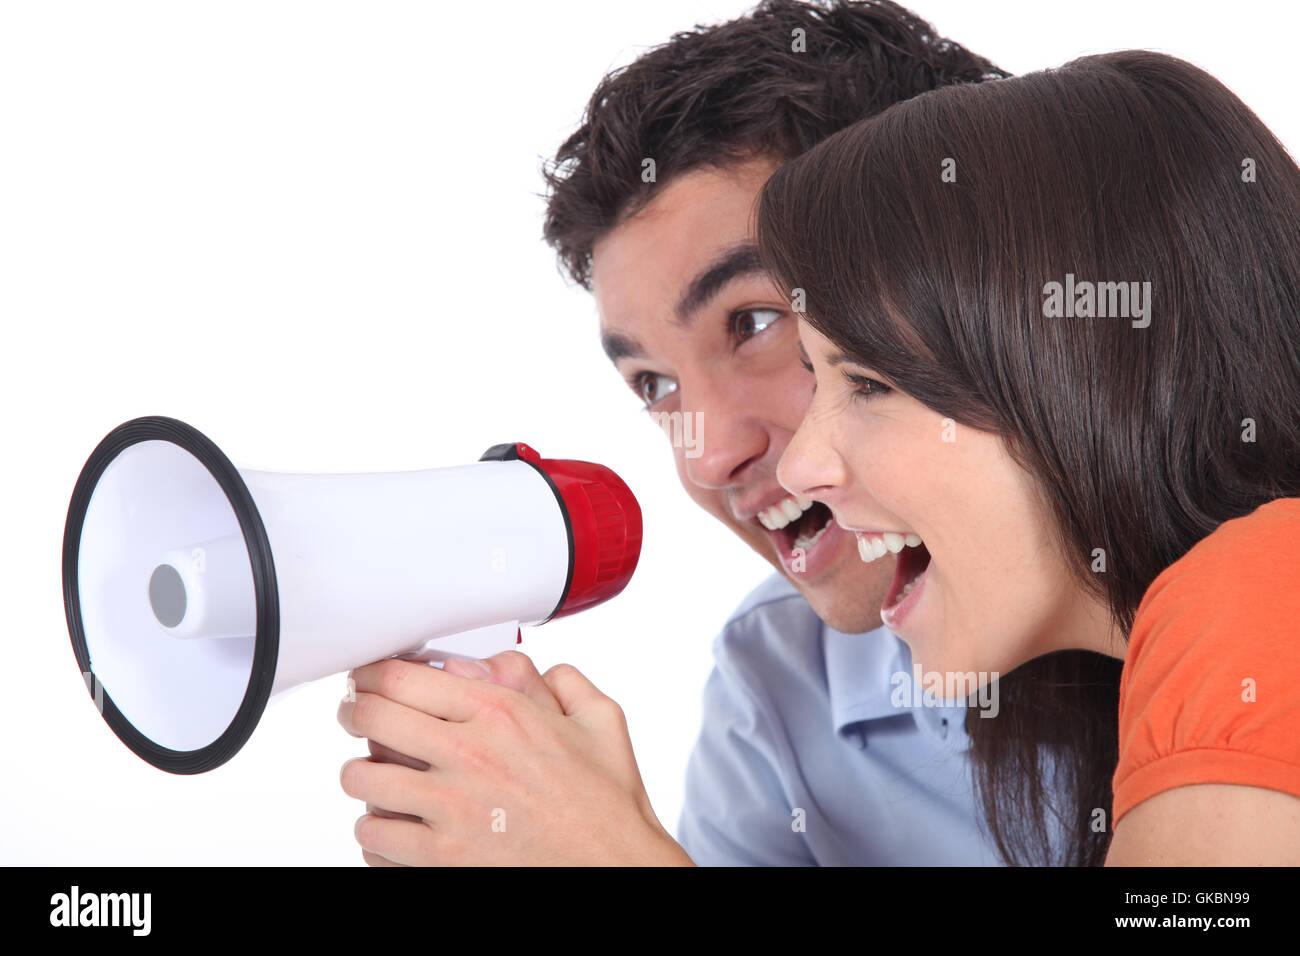 loudspeaker megaphone bellow - Stock Image